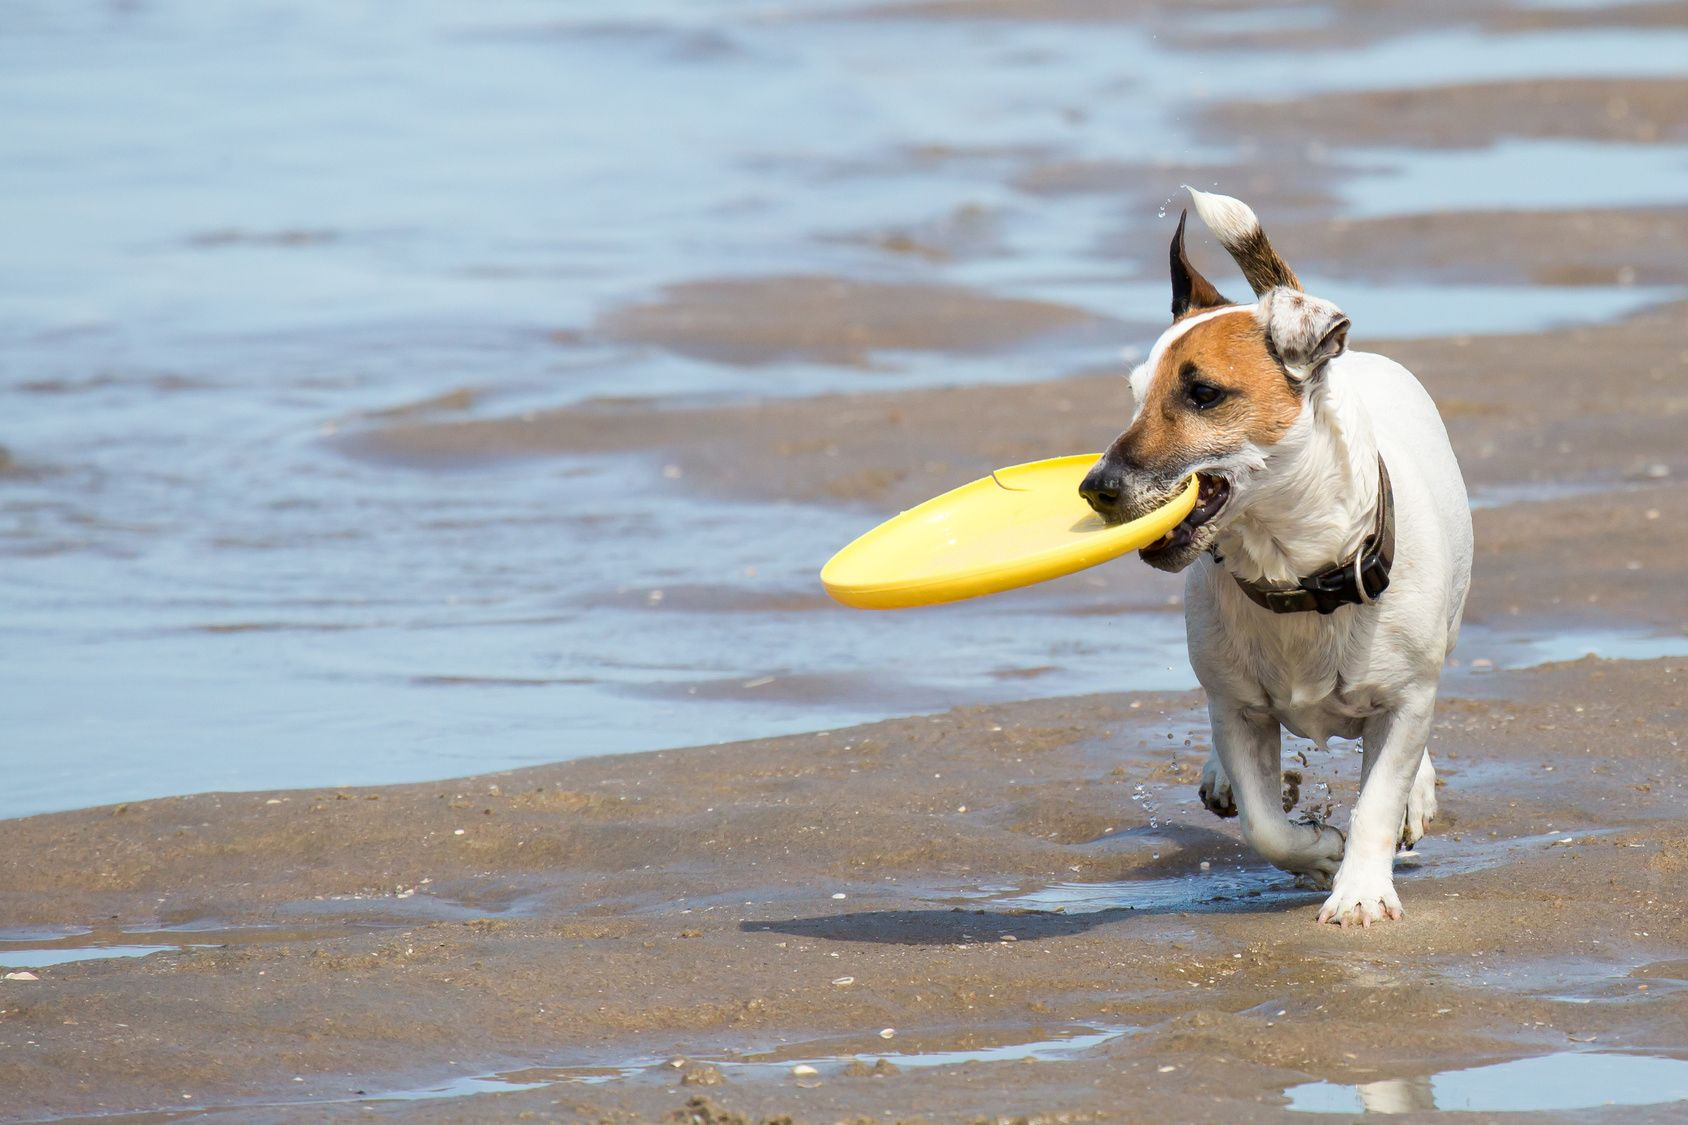 ワンちゃんも一緒にビーチへGO♪関西のペット可ビーチ5選